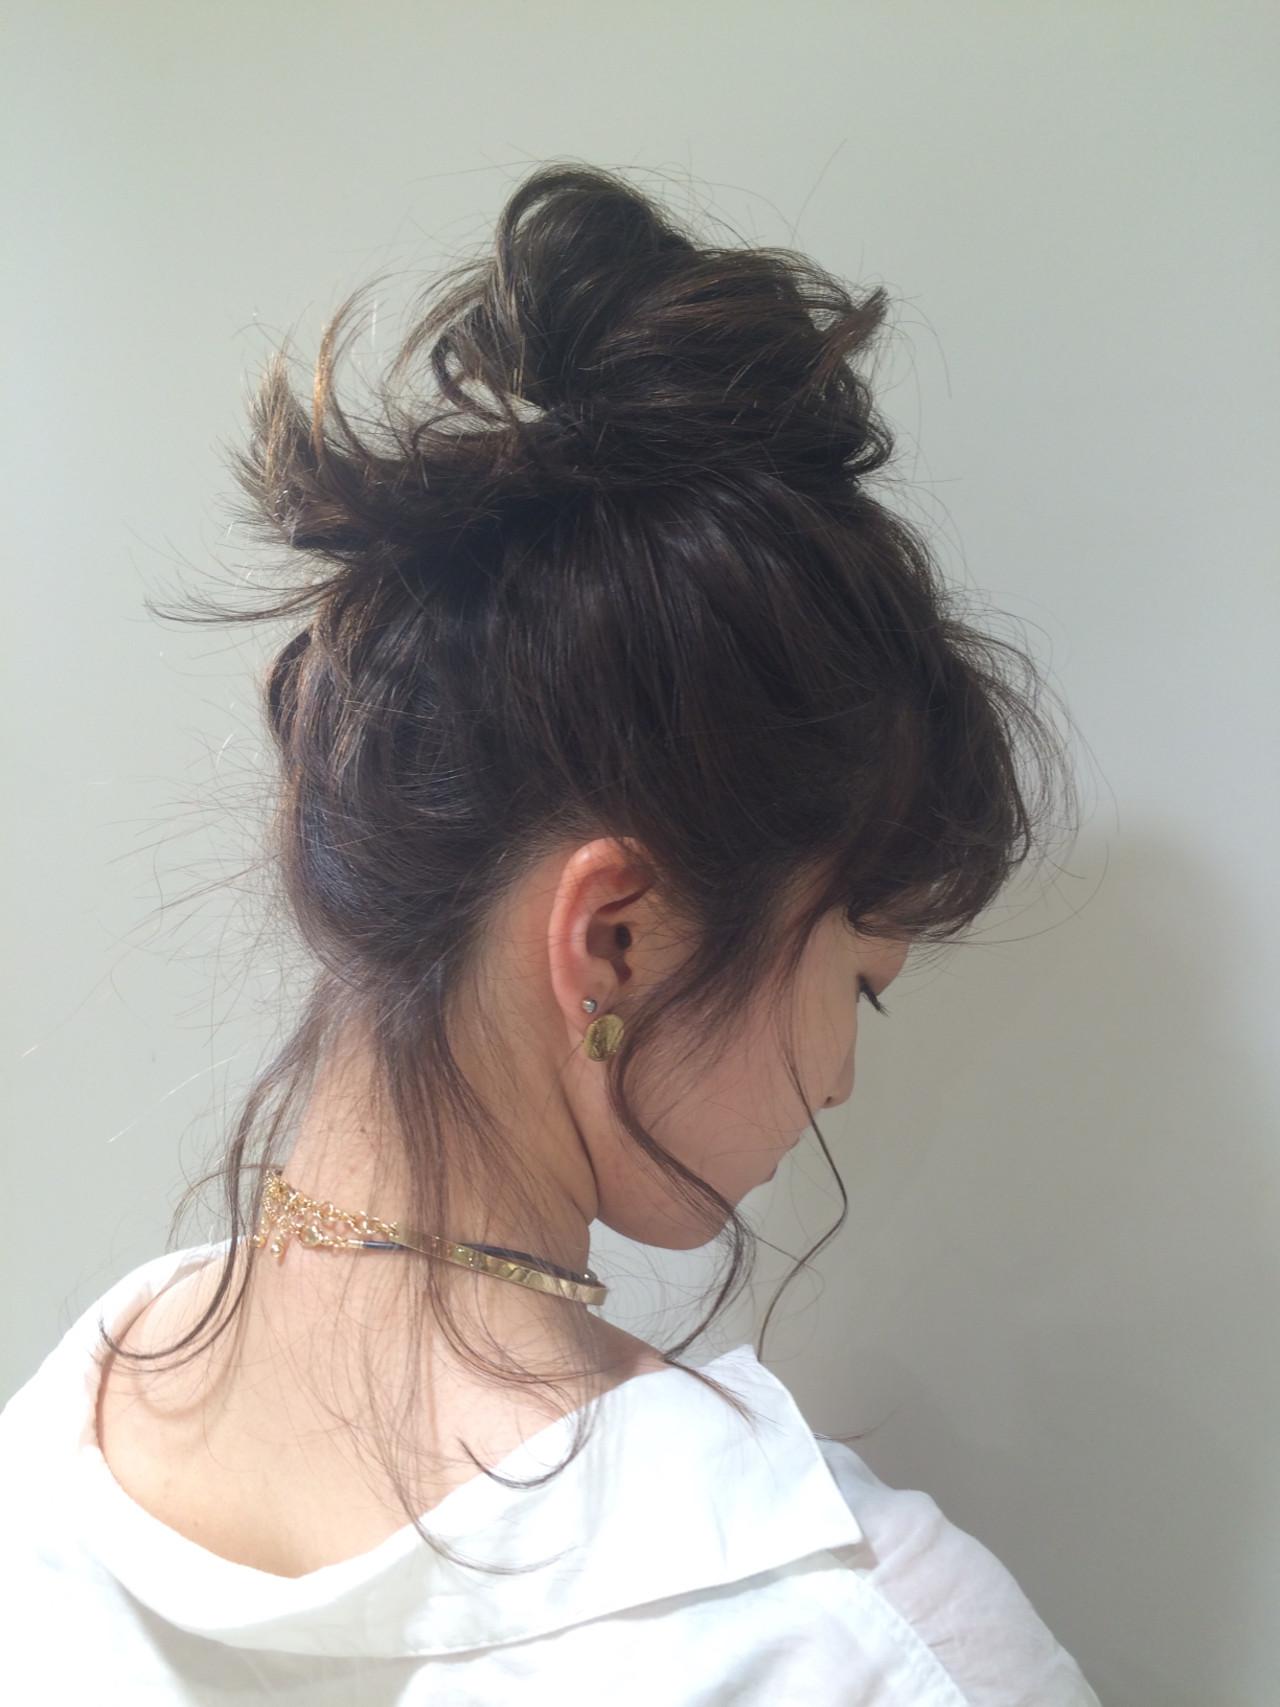 アンニュイほつれヘア ミディアム 簡単ヘアアレンジ オフィス ヘアスタイルや髪型の写真・画像 | 銀座美容師 河野絵奈 / kakimotoamsGINZA2chome店